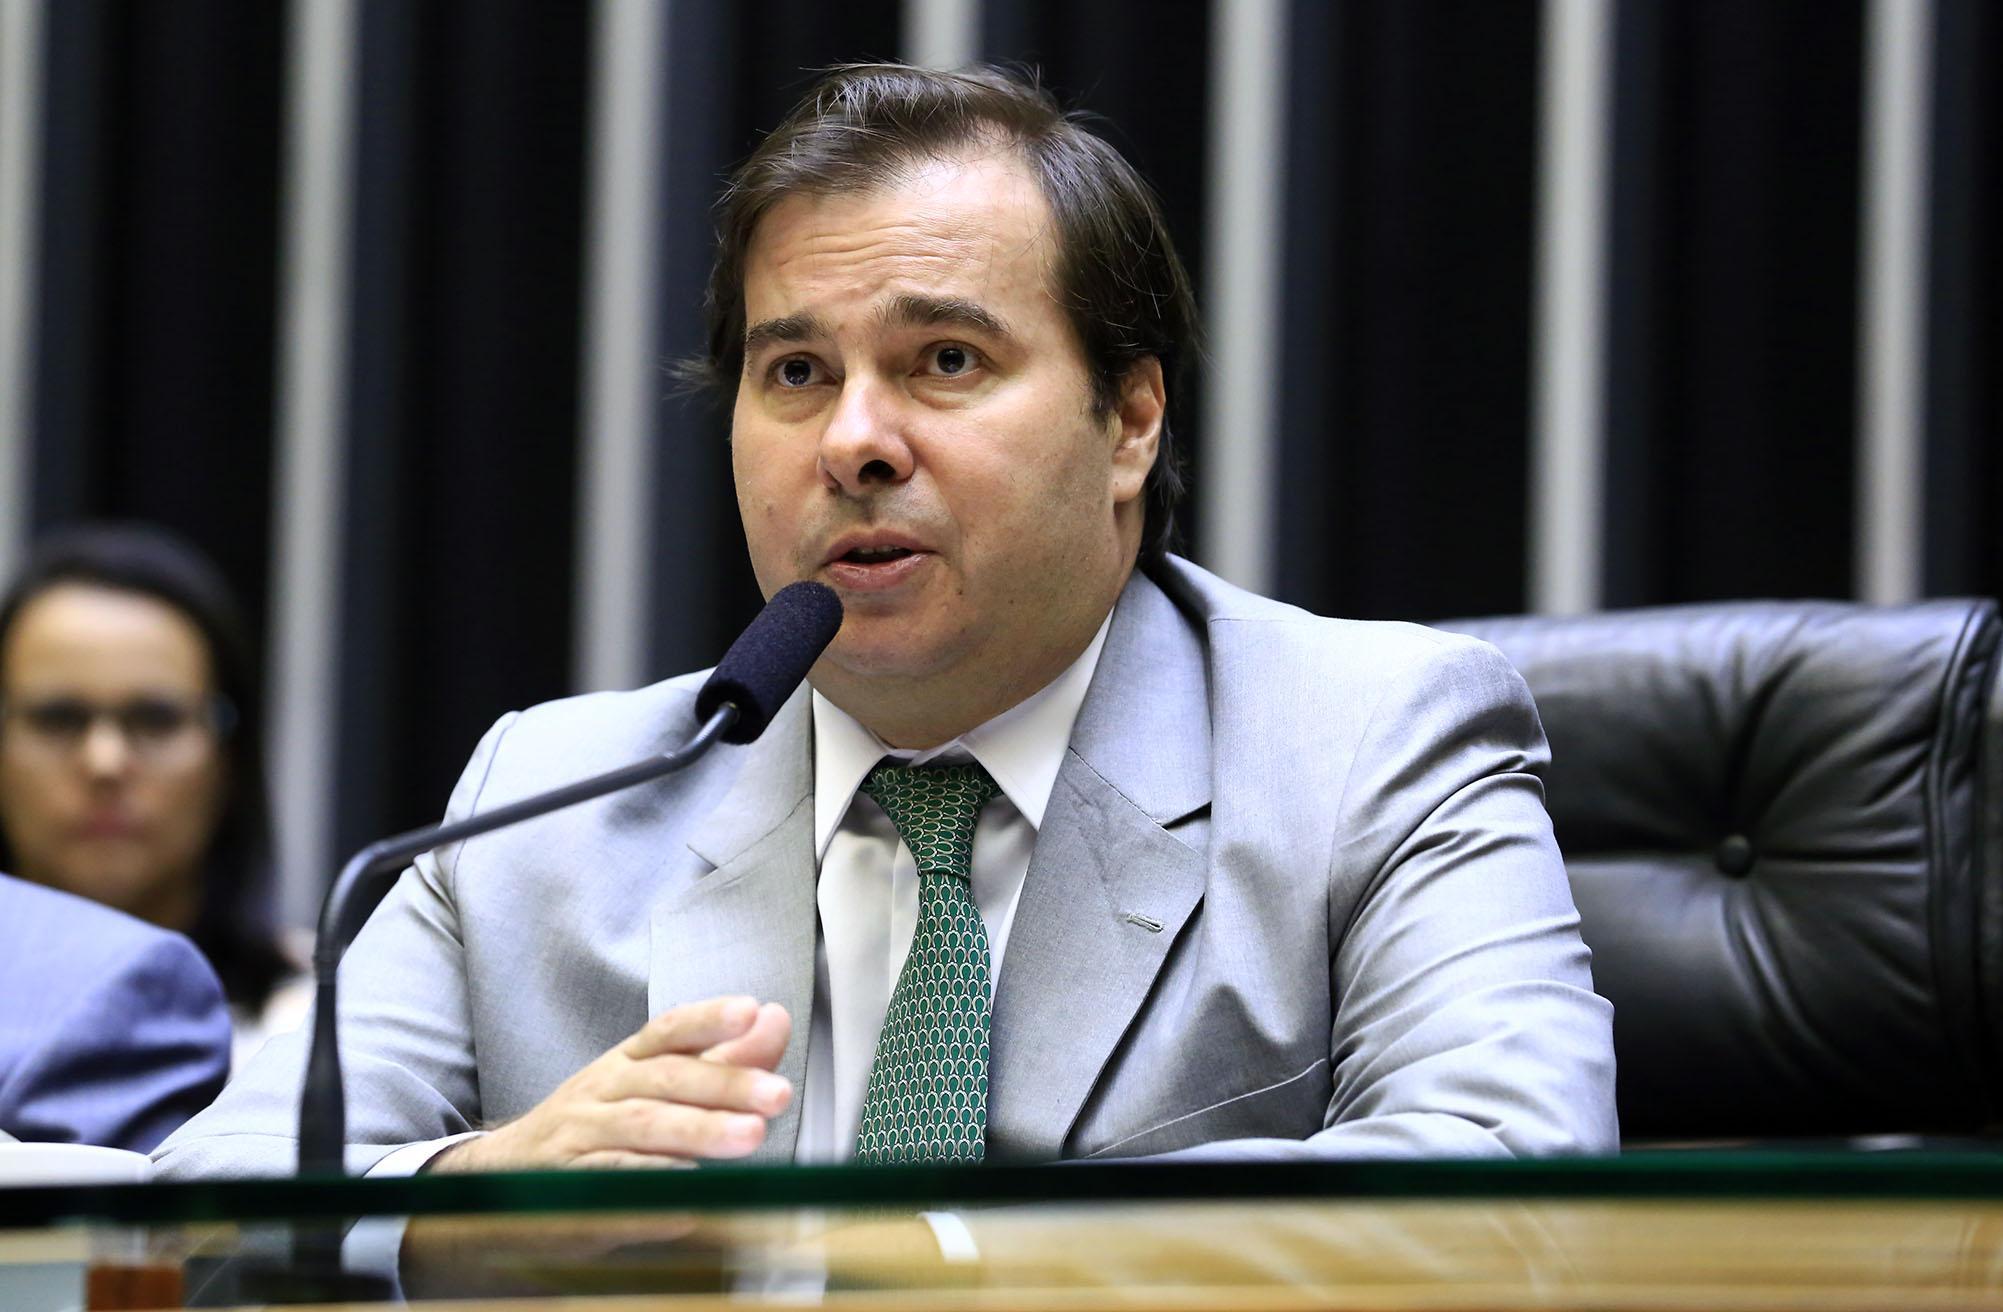 Homenagem aos 157 Anos da Caixa Econômica Federal. Presidente da Câmara, dep. Rodrigo Maia (DEM-RJ)